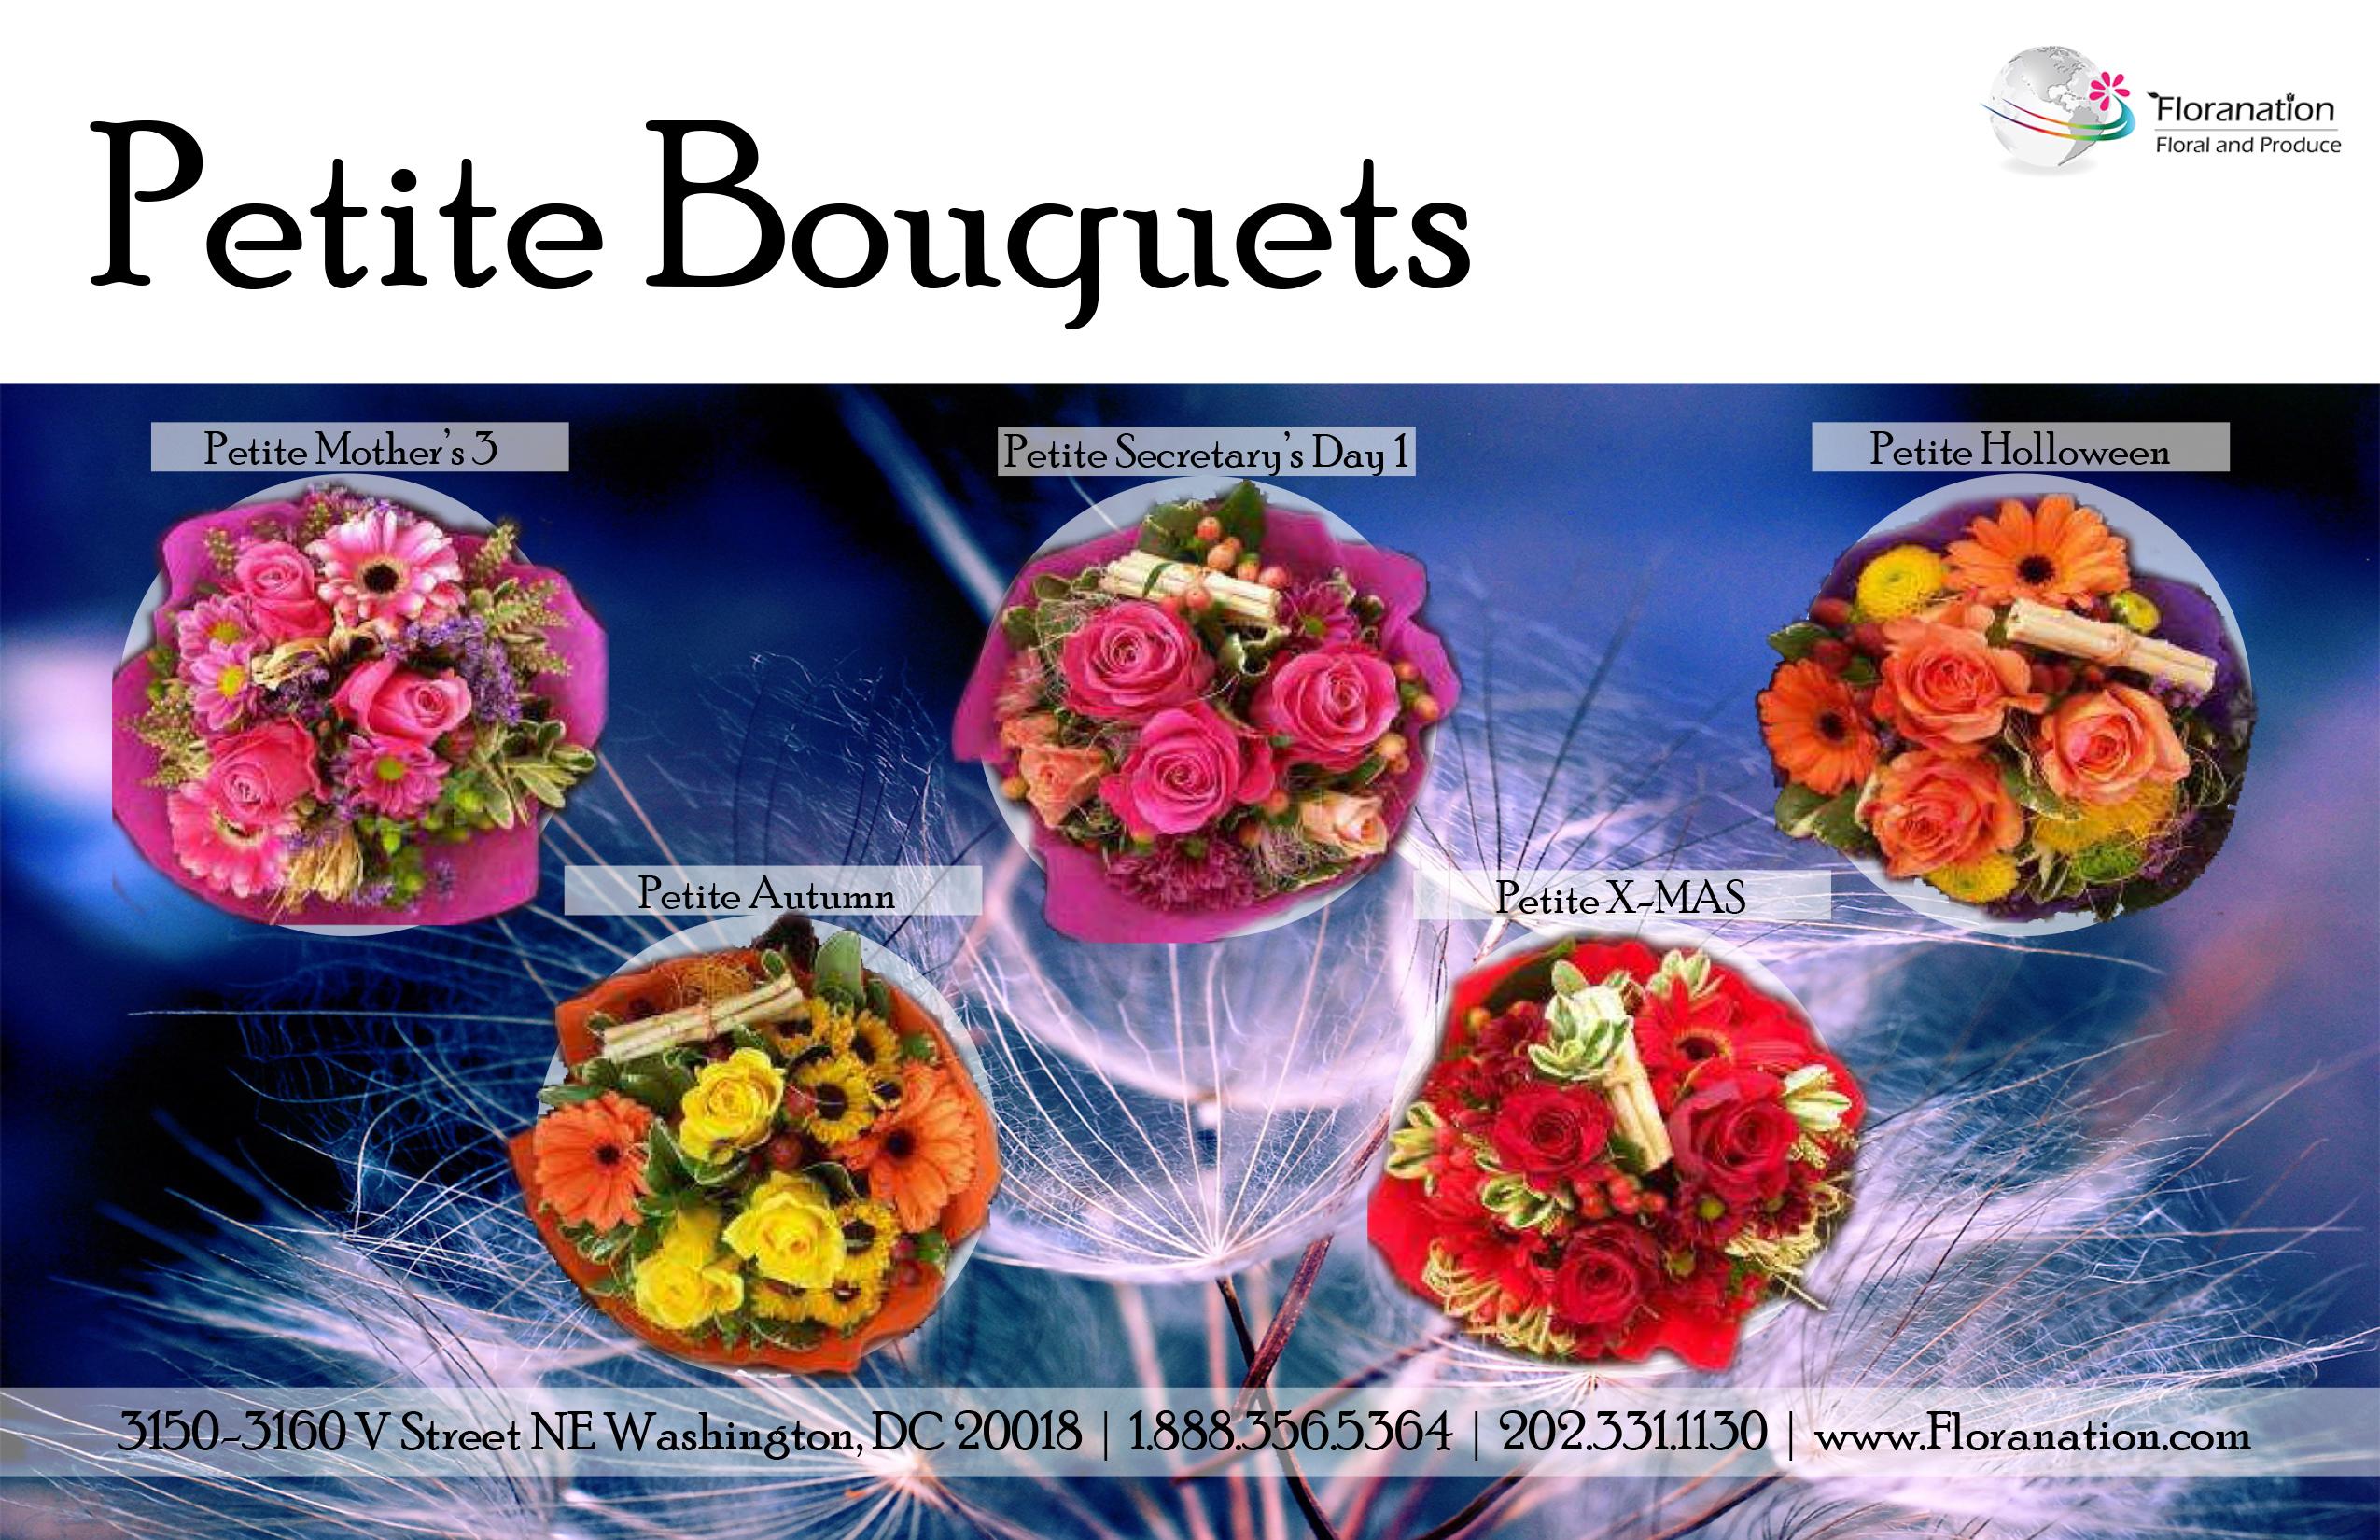 Pettite Bouquets